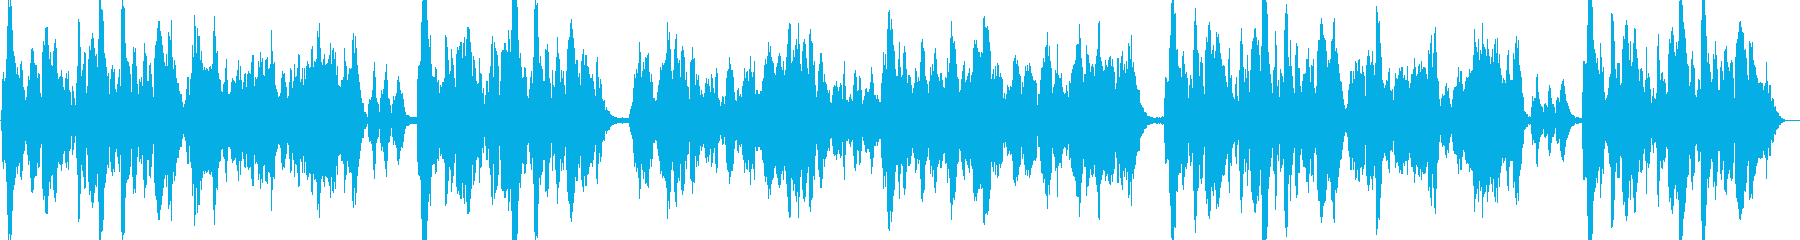 優雅なヴァイオリンのイージーリスニングの再生済みの波形